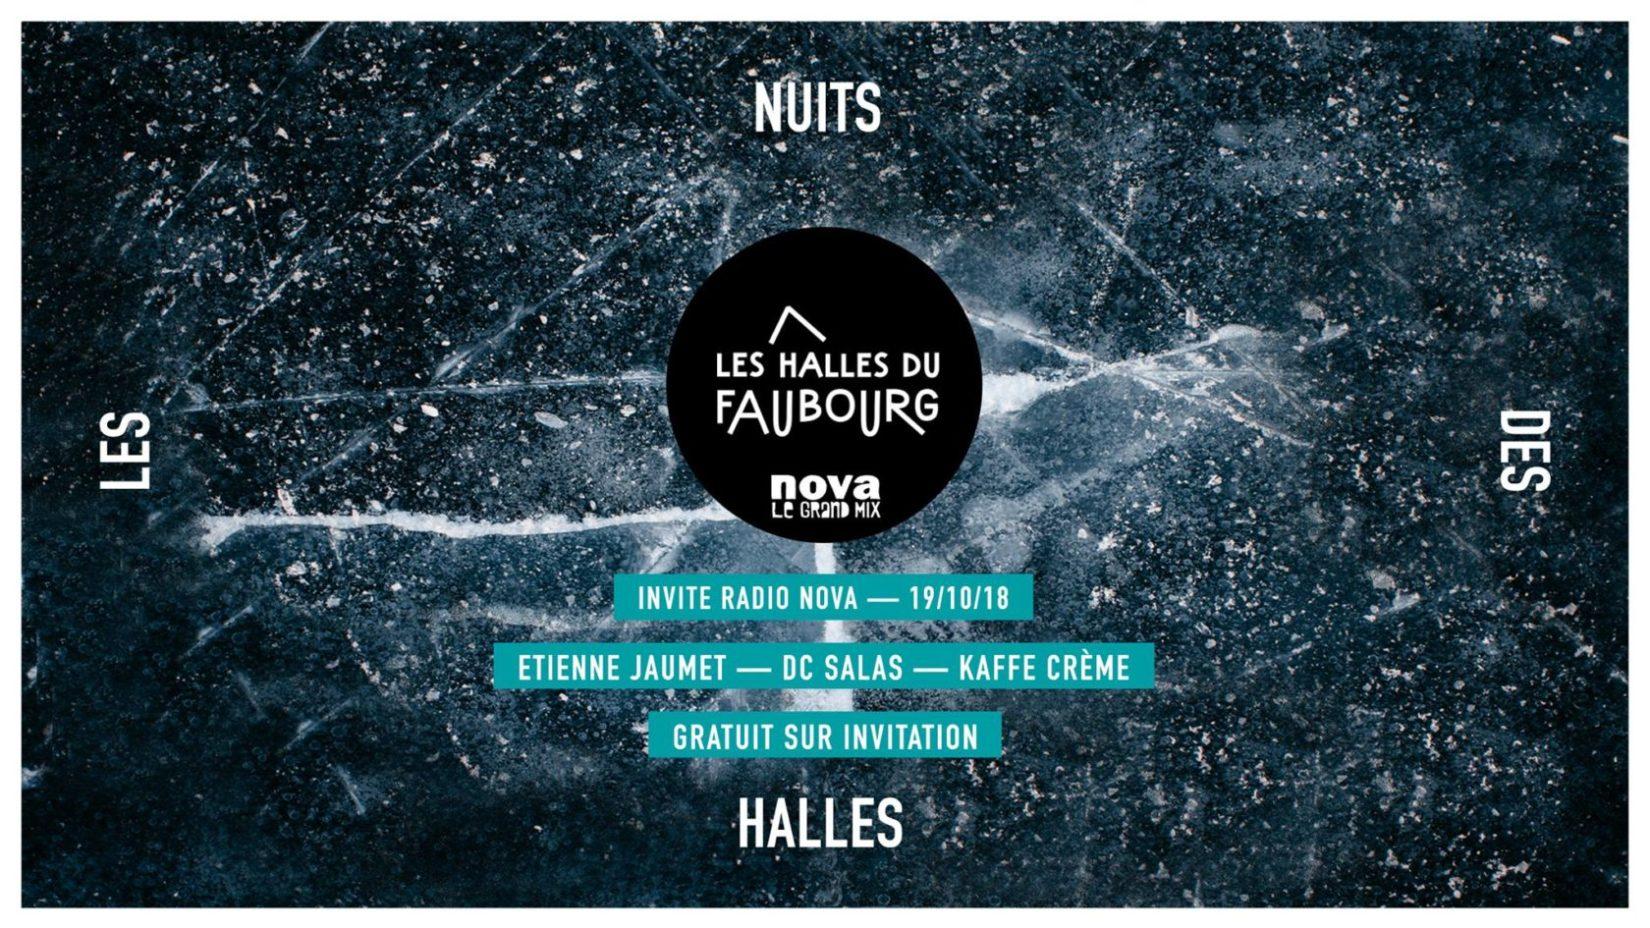 Nuit des Halles #2 - Radio Nova